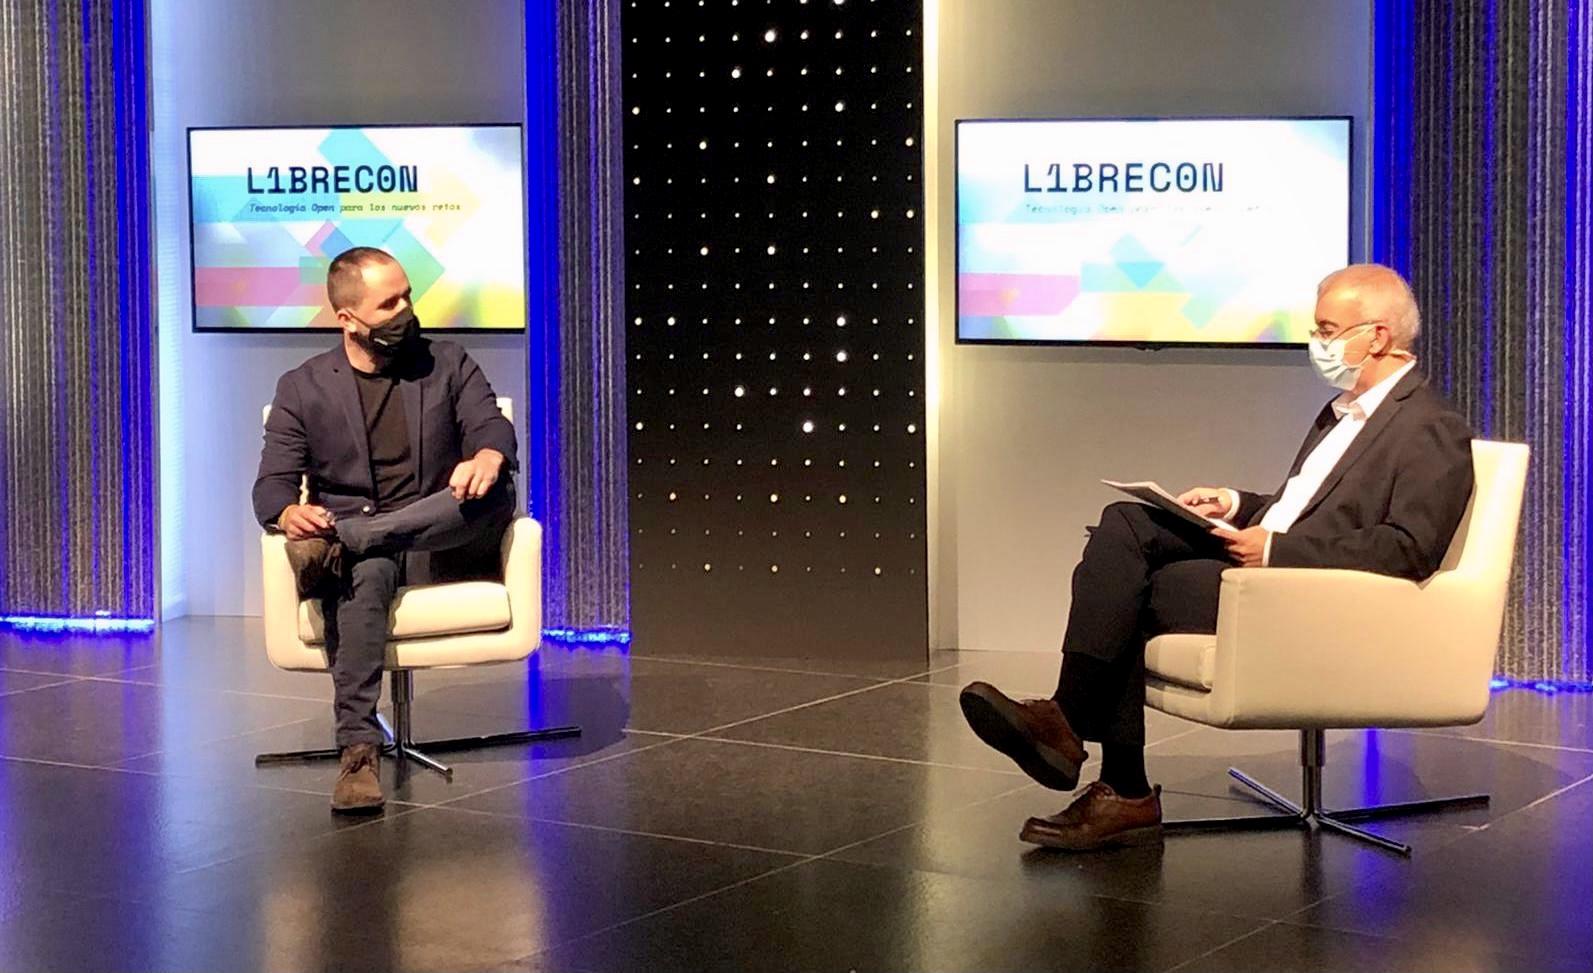 Asier Gezuraga en Librecon 2020